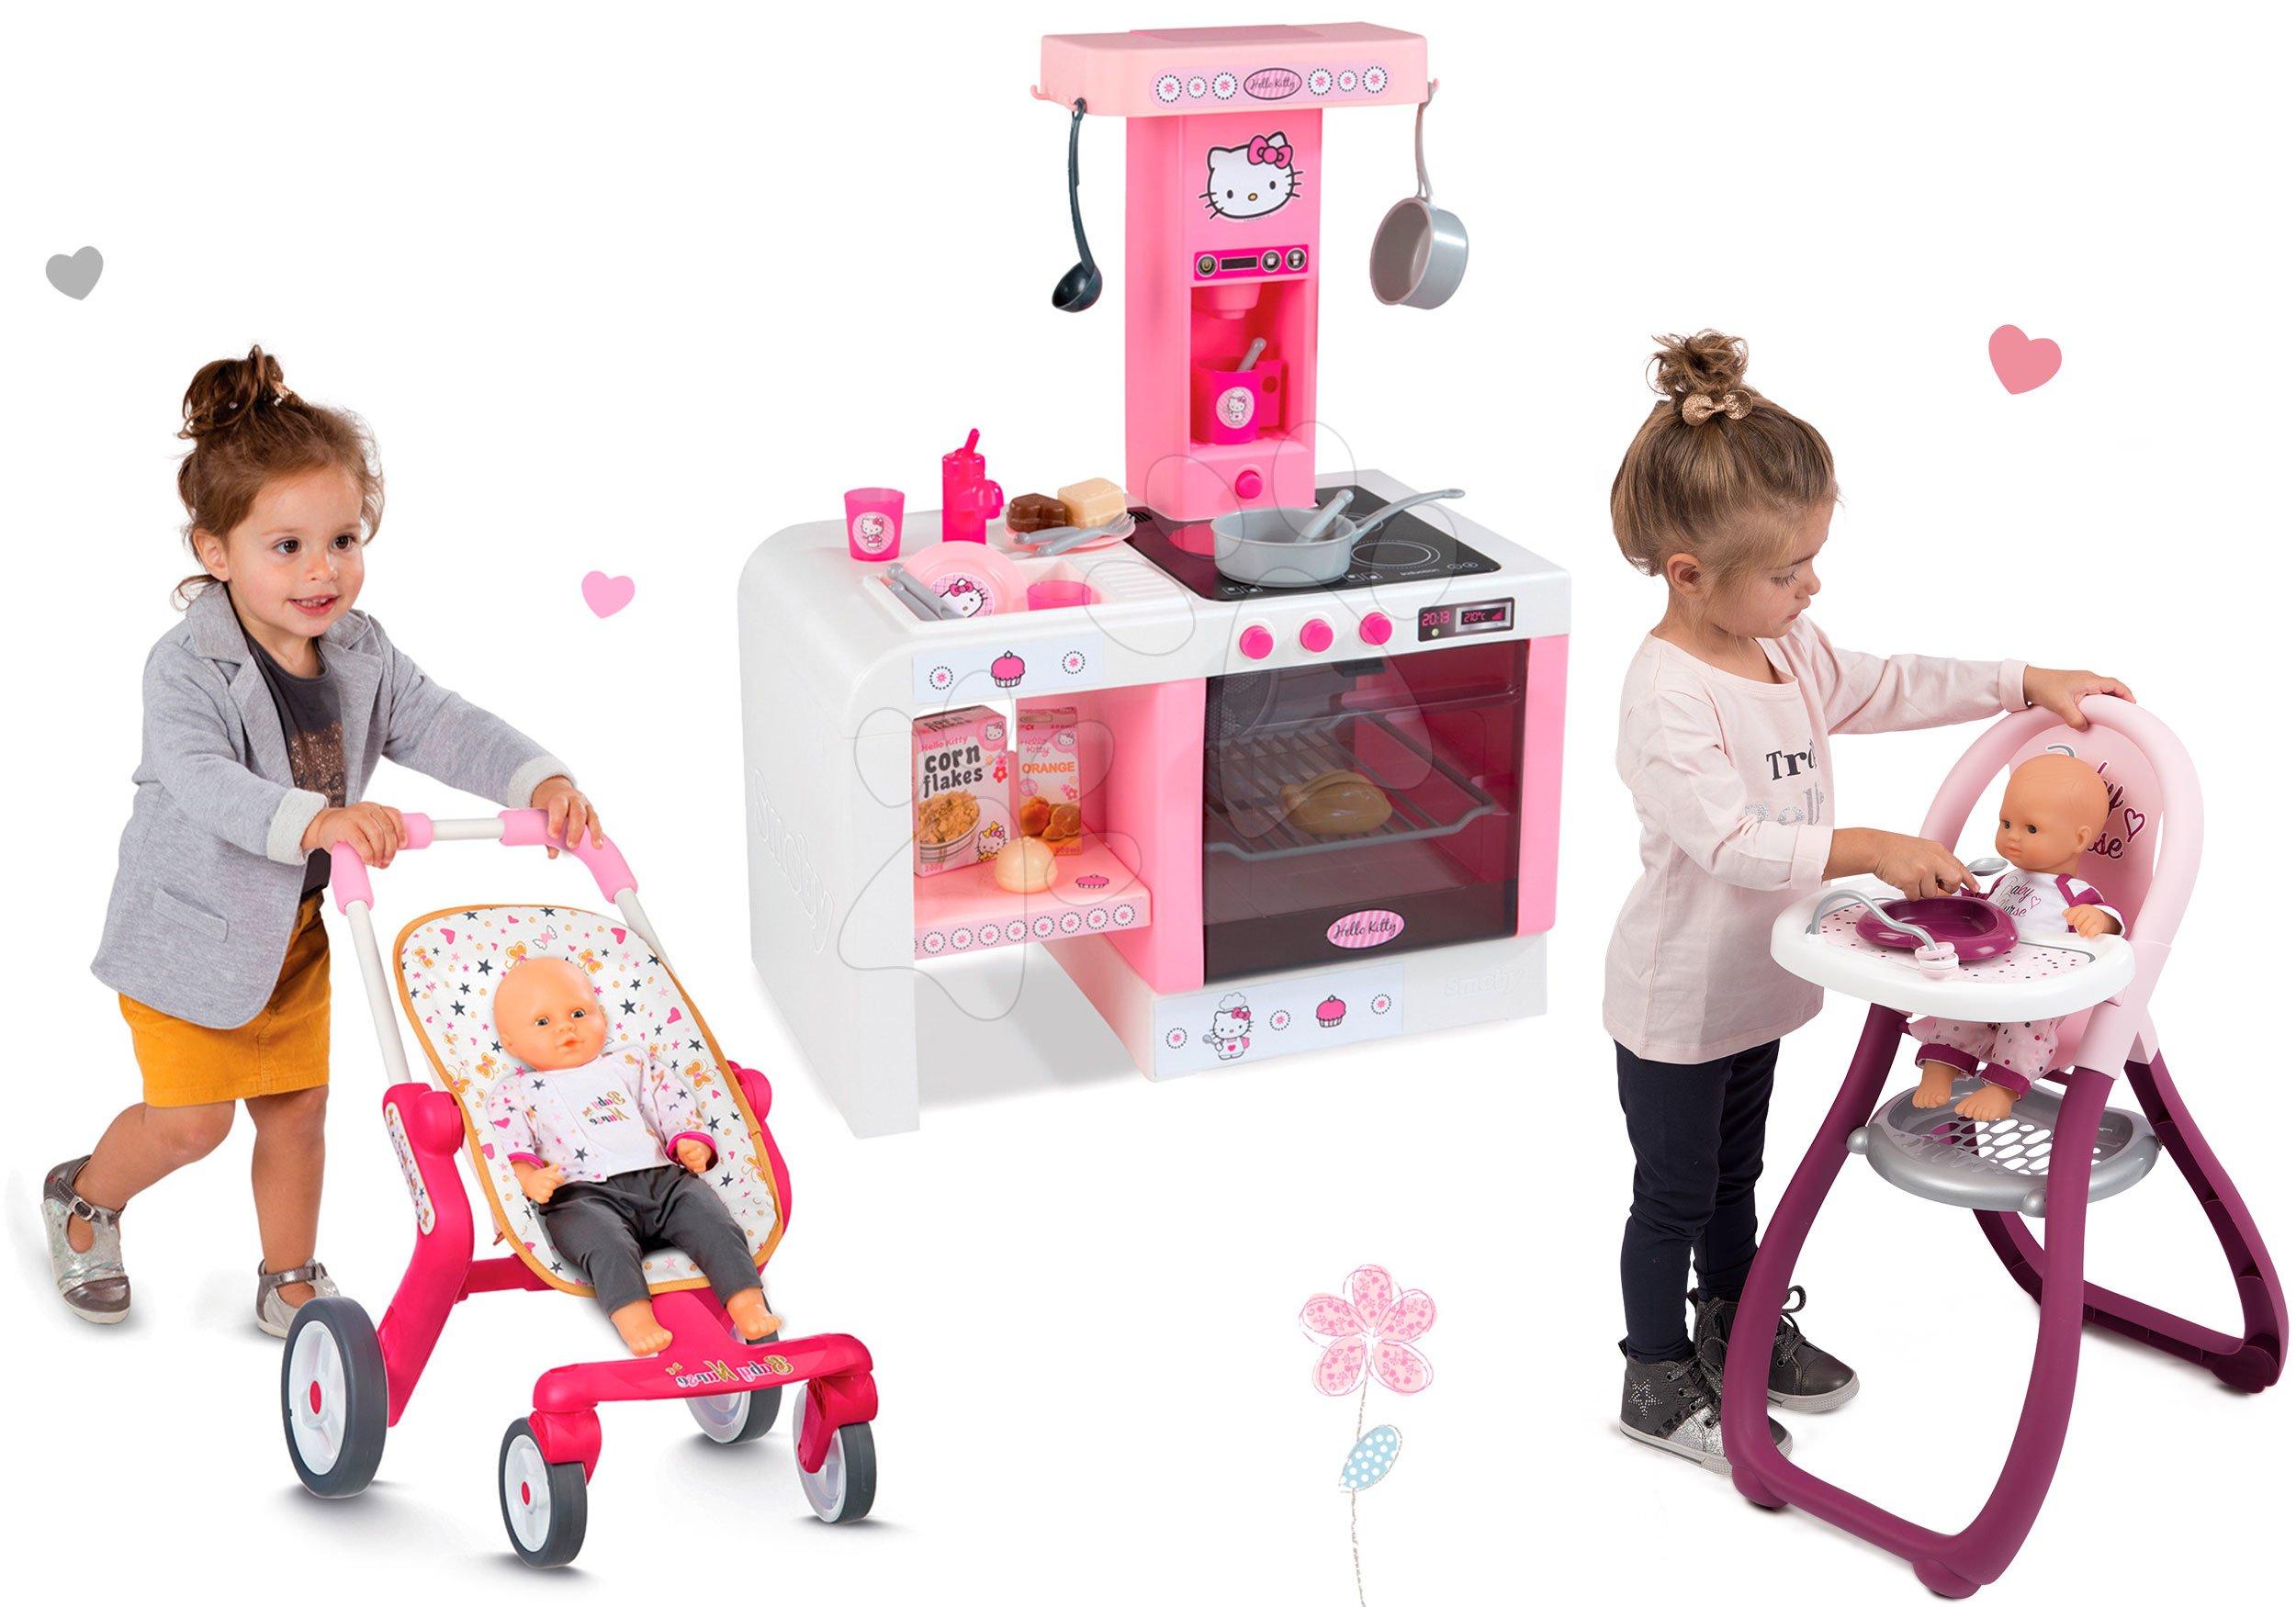 Smoby dětská kuchyňka Hello Kitty Cheftronic, kočárek Hello Kitty a židle 24195-1